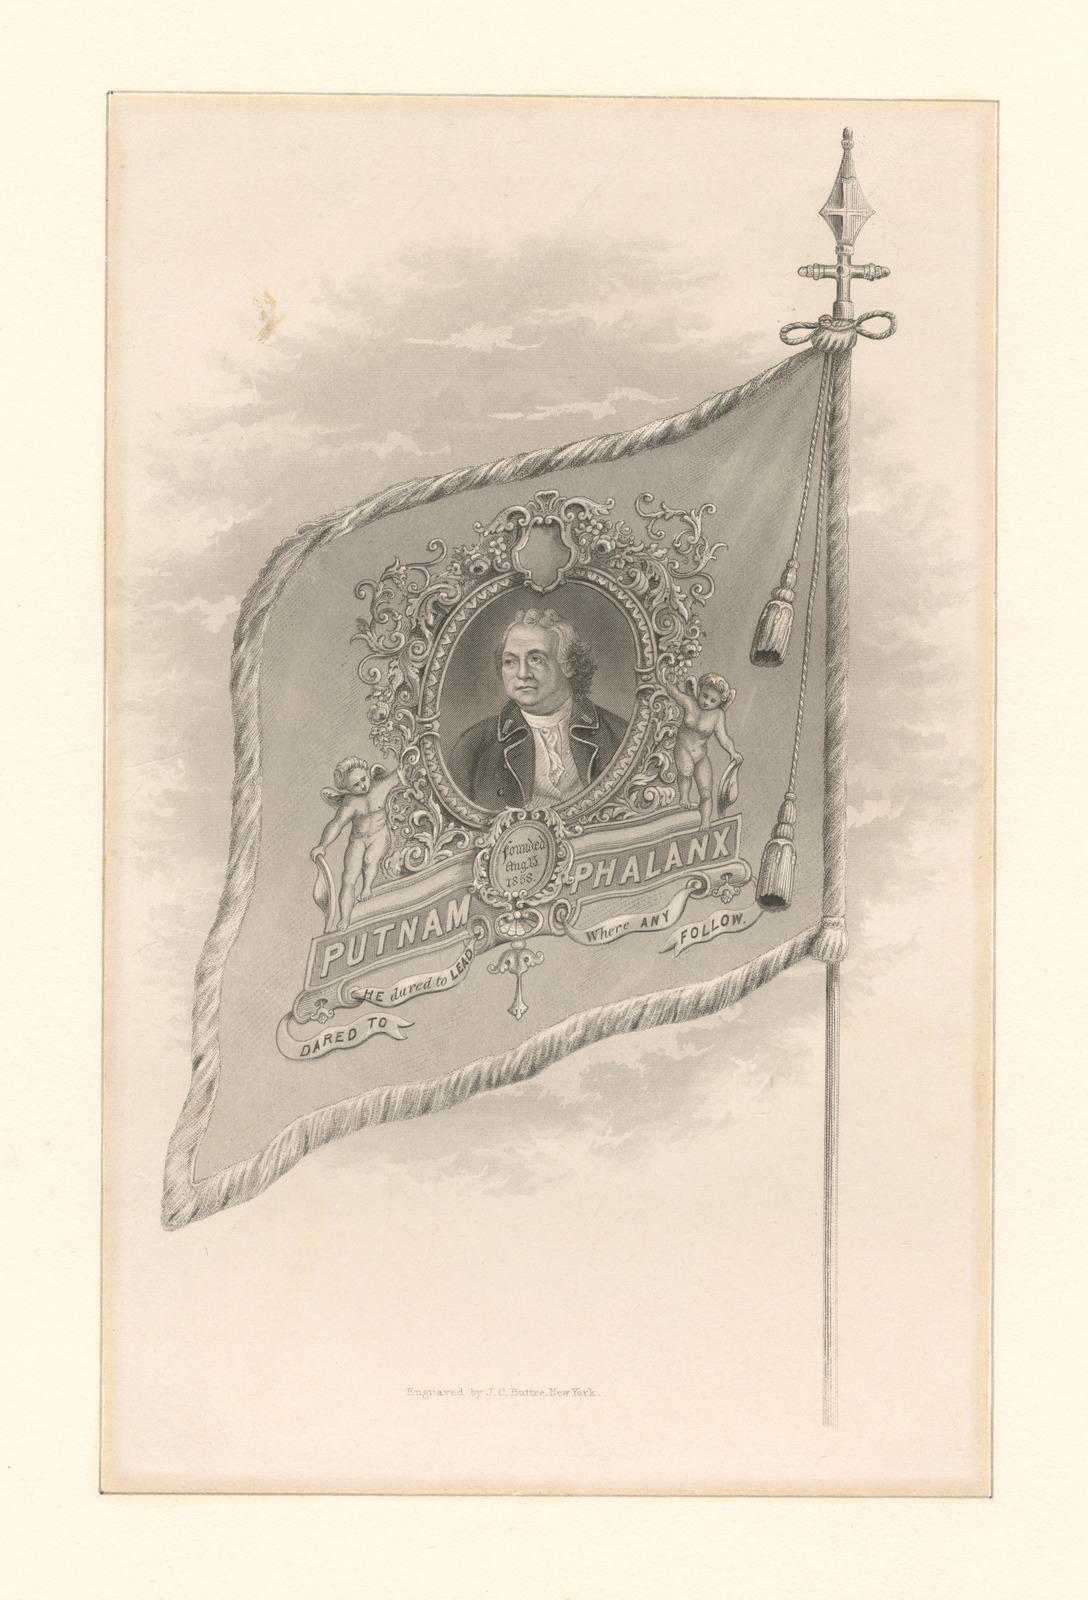 [Flag of Putnam Phalanx]